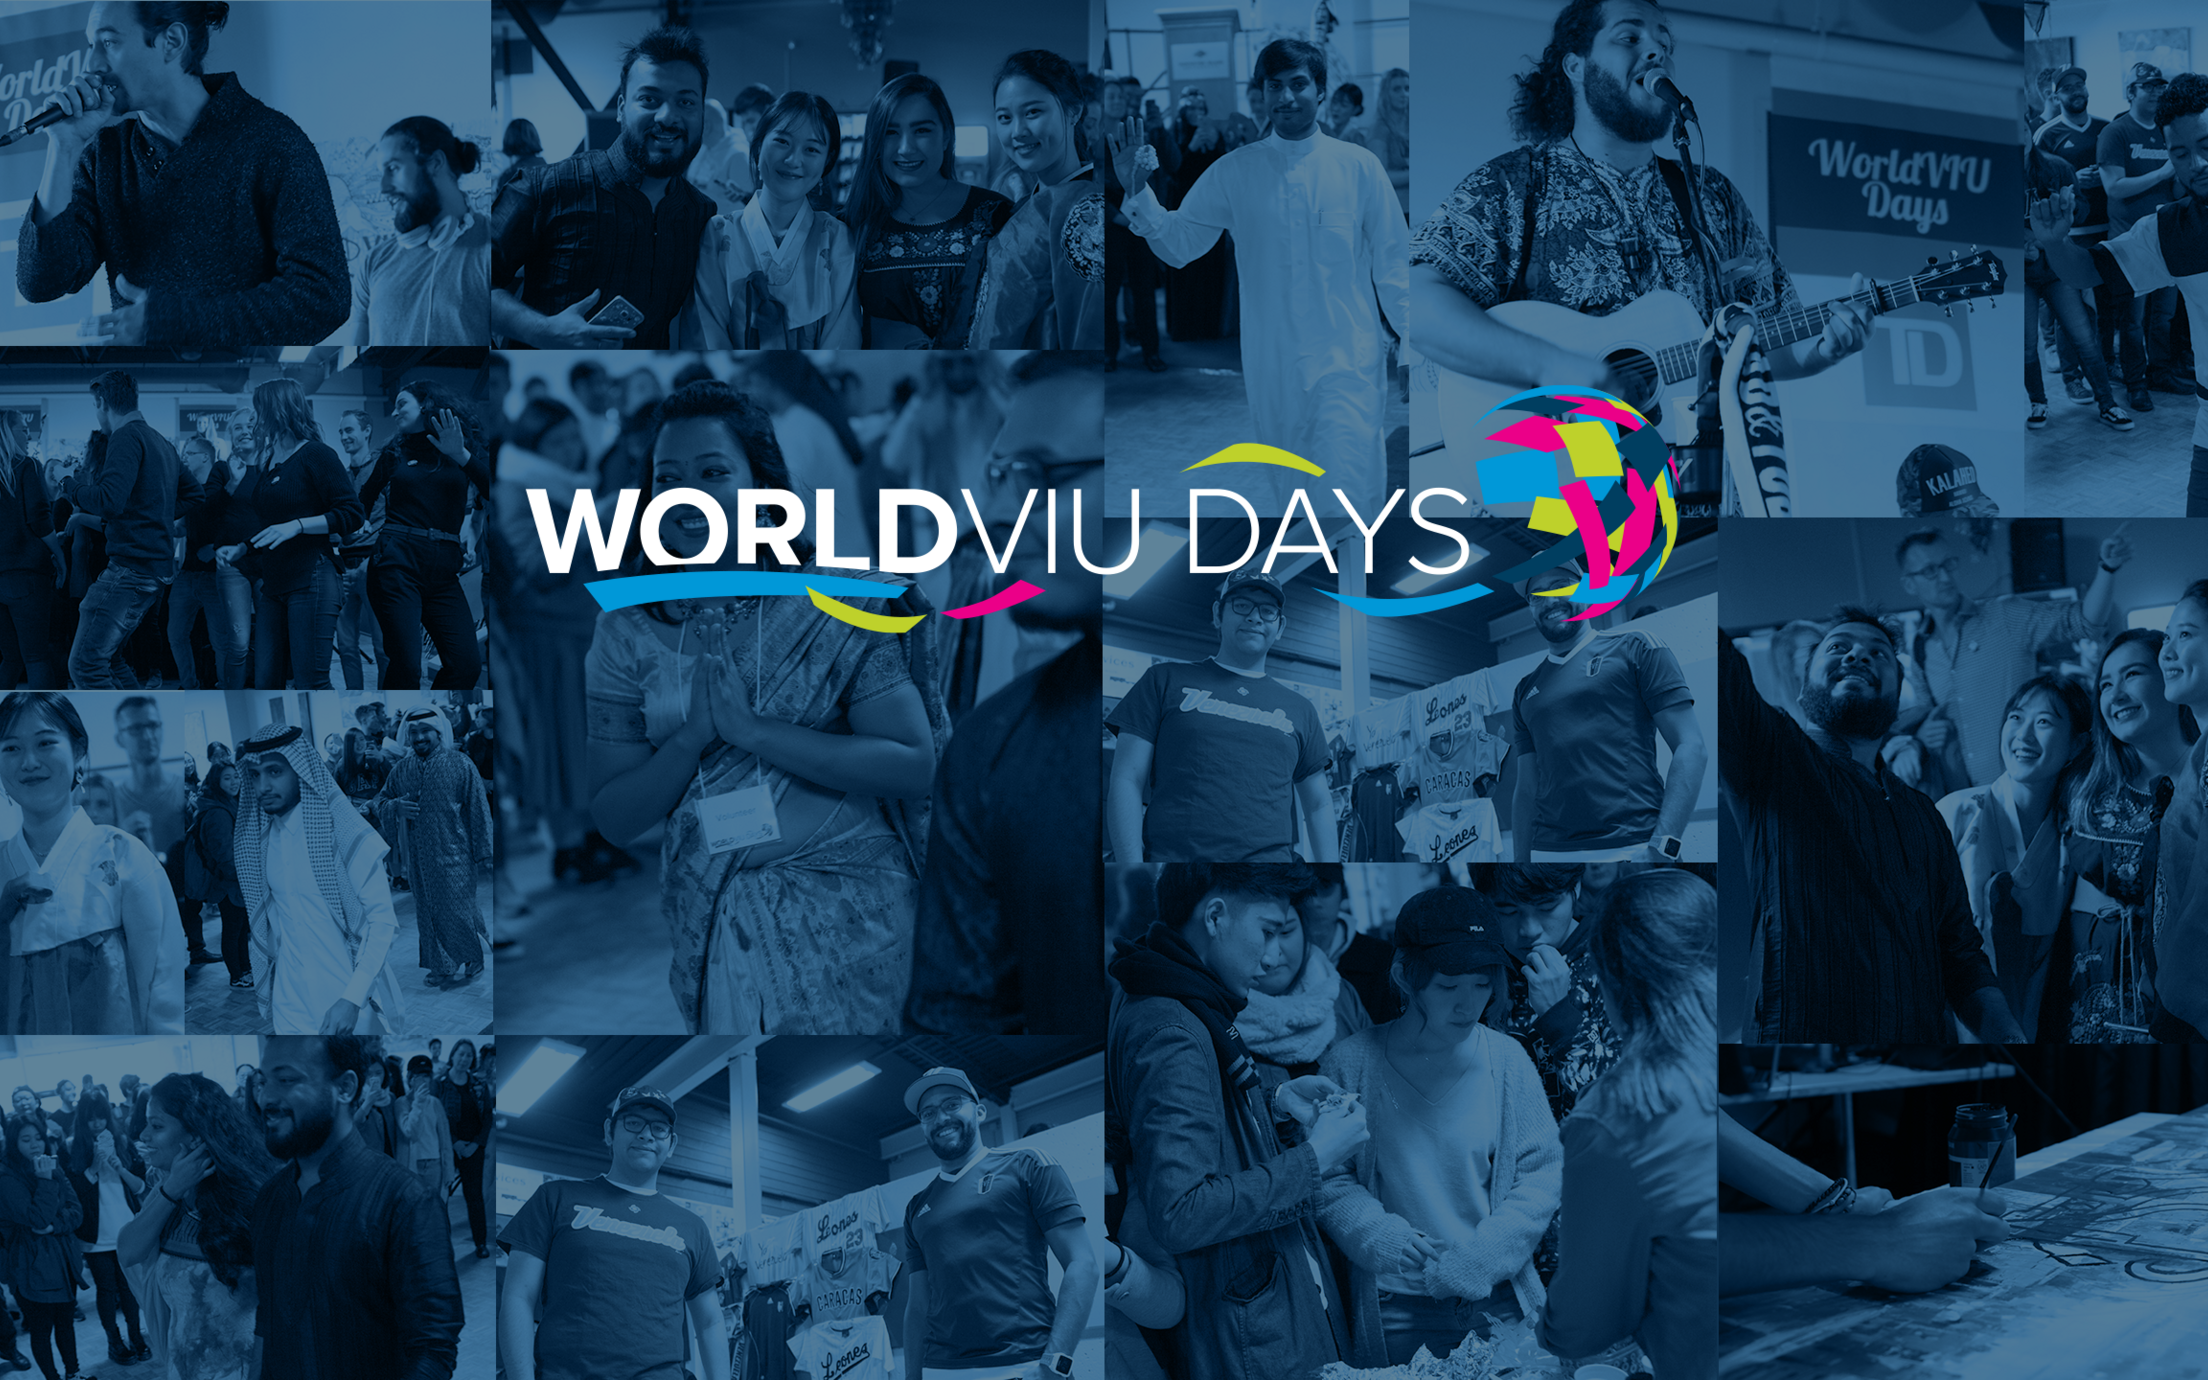 WorldVIU Days Background